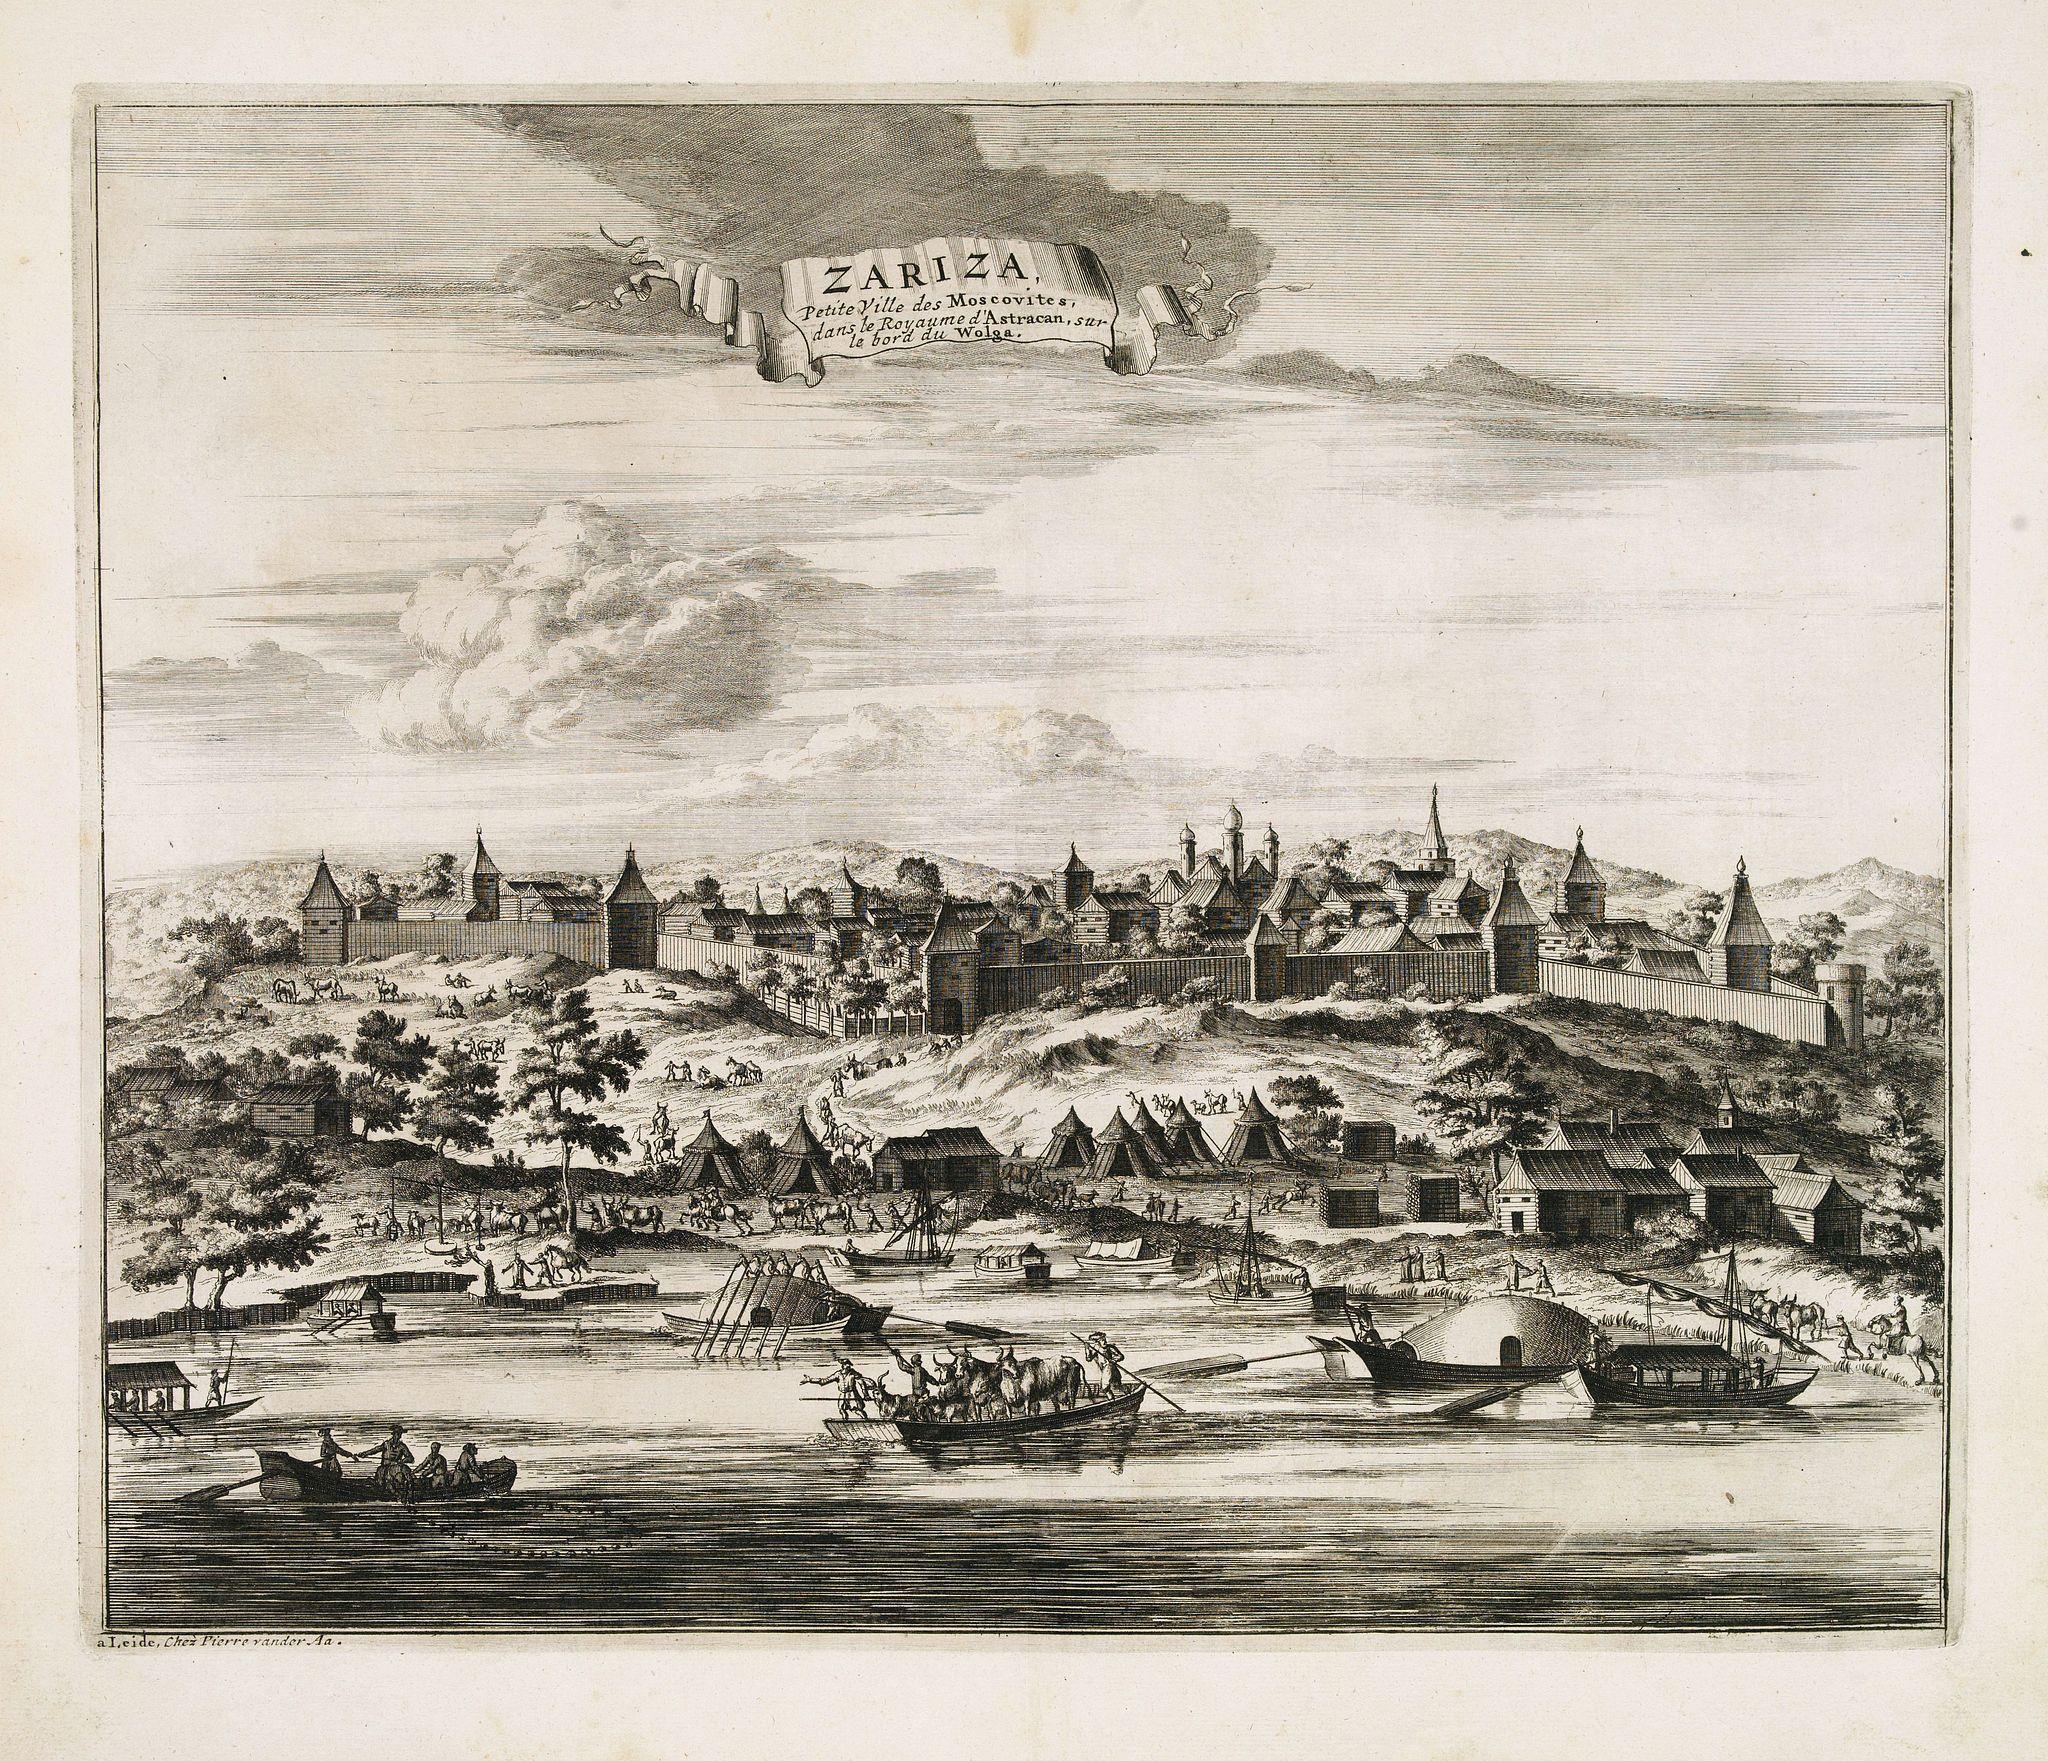 VAN DER AA, P. / OLEARIUS, A. -  Zariza, petite ville des Moscovites, dans le royaume d'astracan, sur le bord du Wolga.